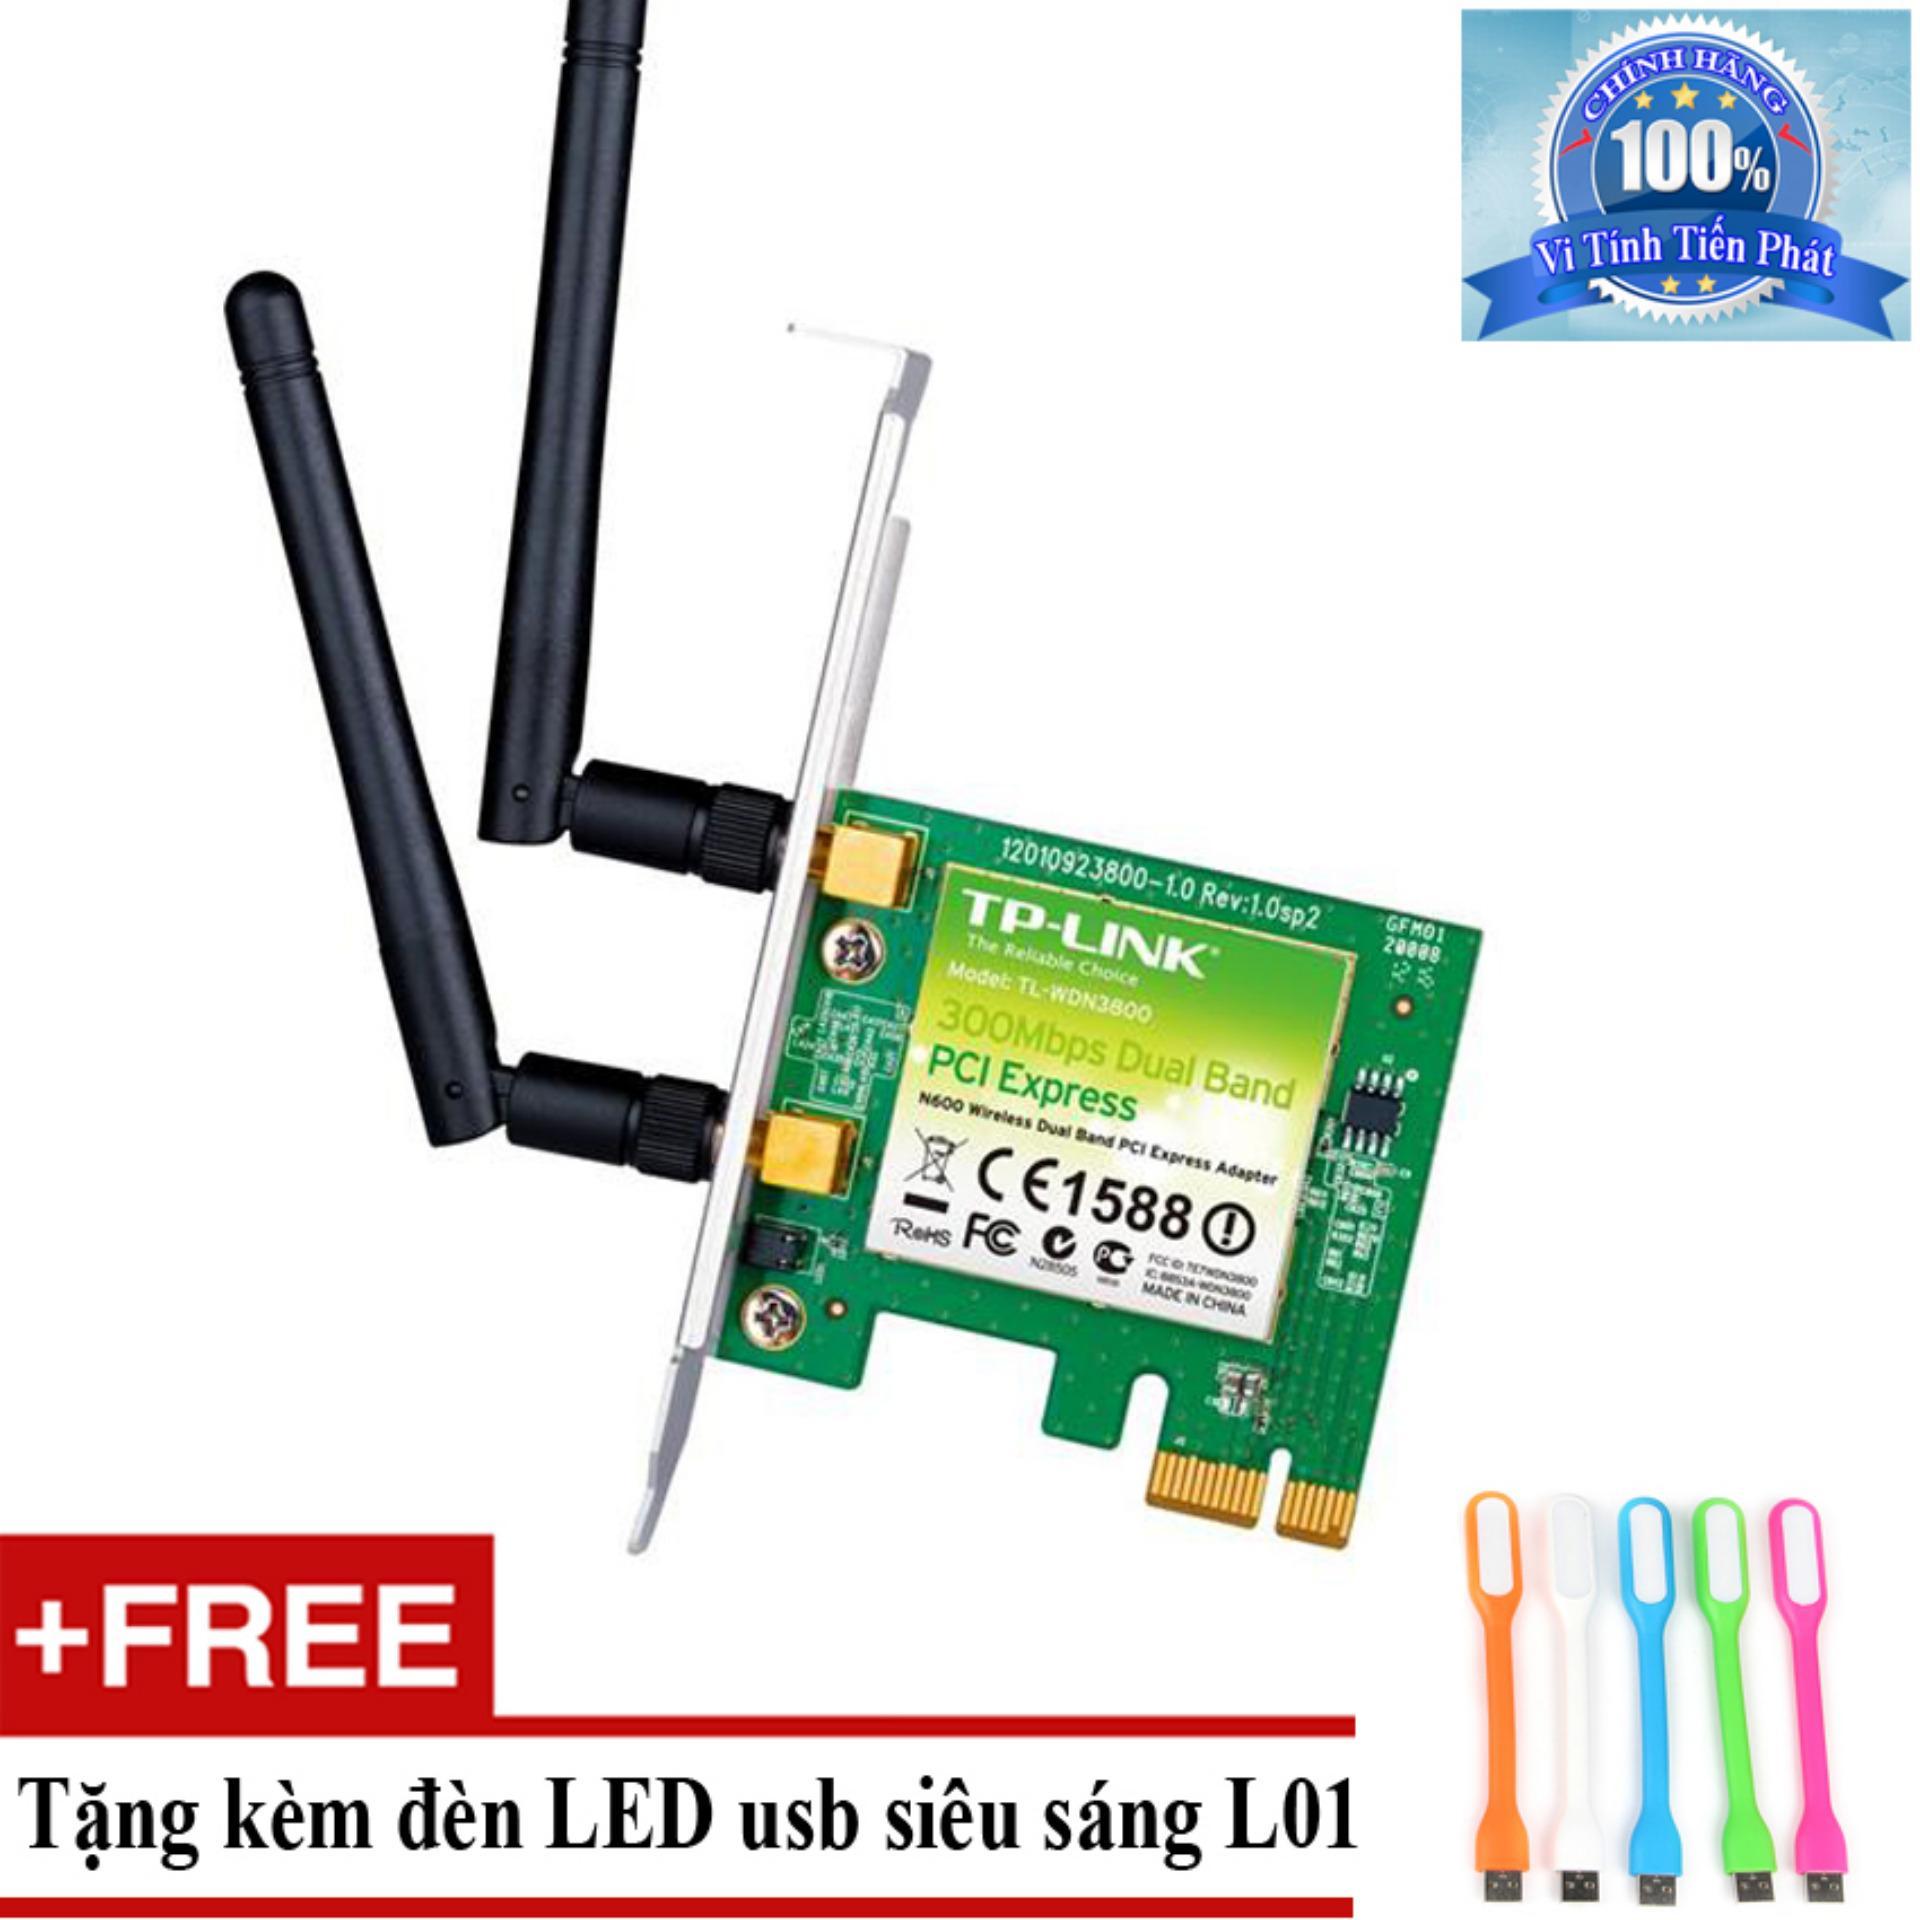 Đánh giá Card mạng thu WiFi TP-Link TL-WN881ND + Tặng đèn LED usb mã L01 Tại Vi Tính – Laptop Tiến Phát